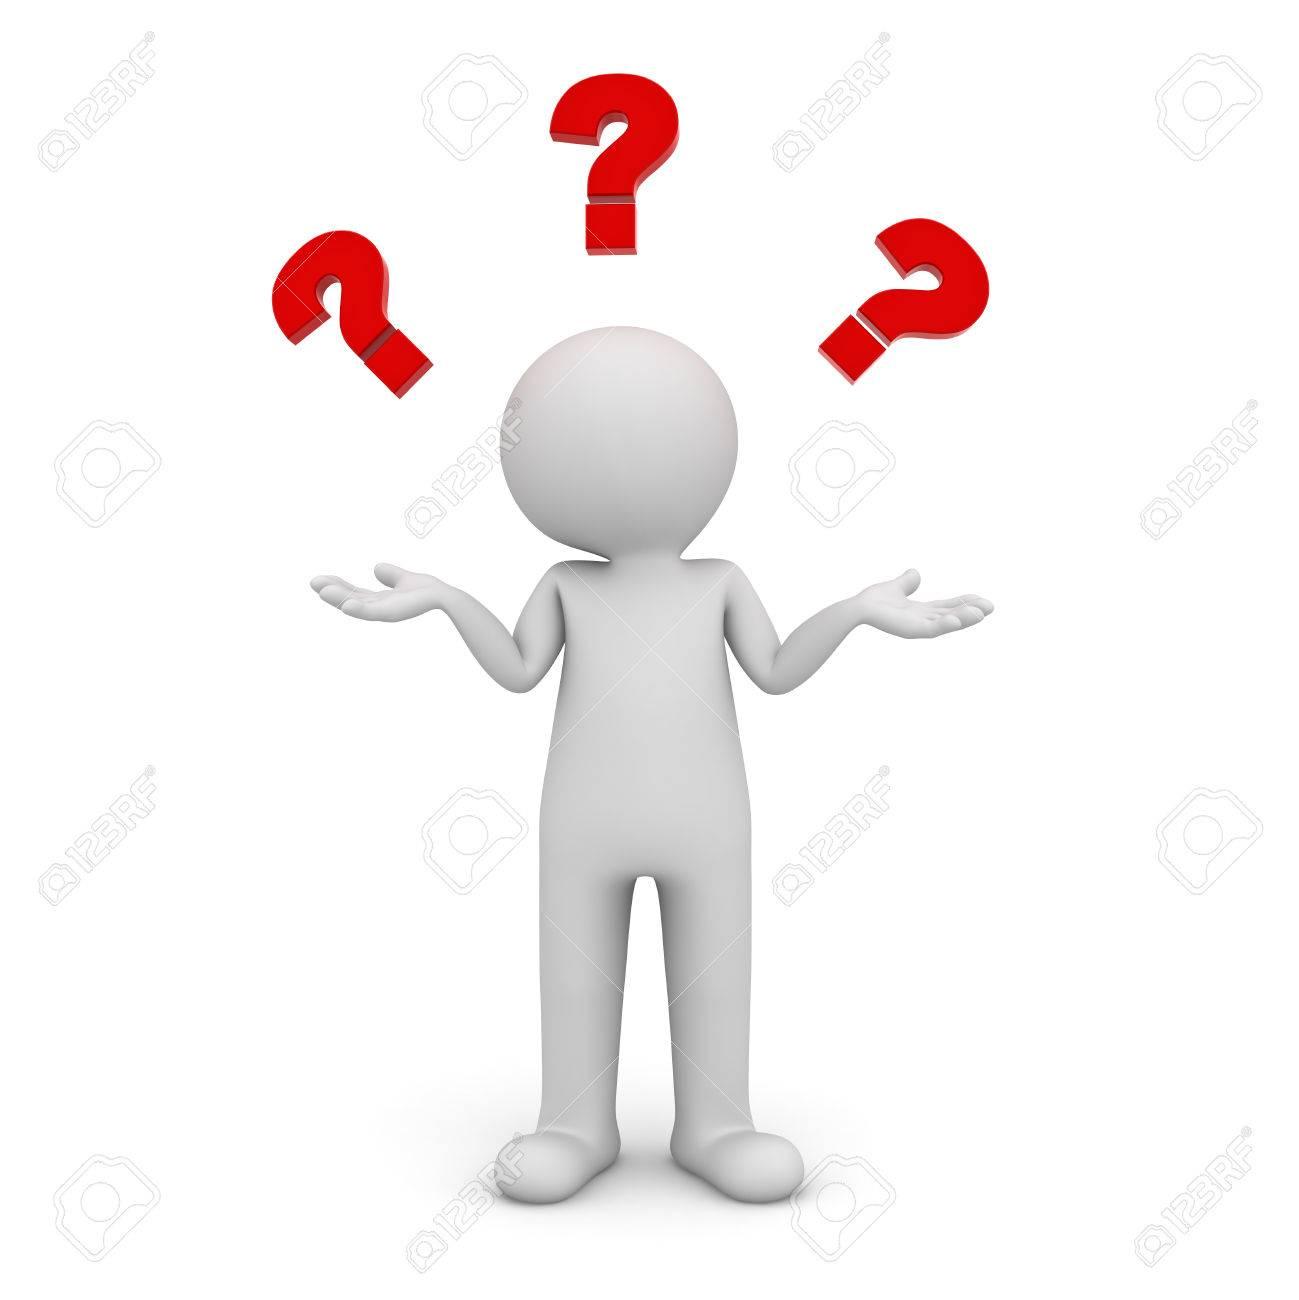 3d homme debout et n'ayant aucune idée des points d'interrogation rouge au-dessus de sa tête isolé sur fond blanc Banque d'images - 26594568